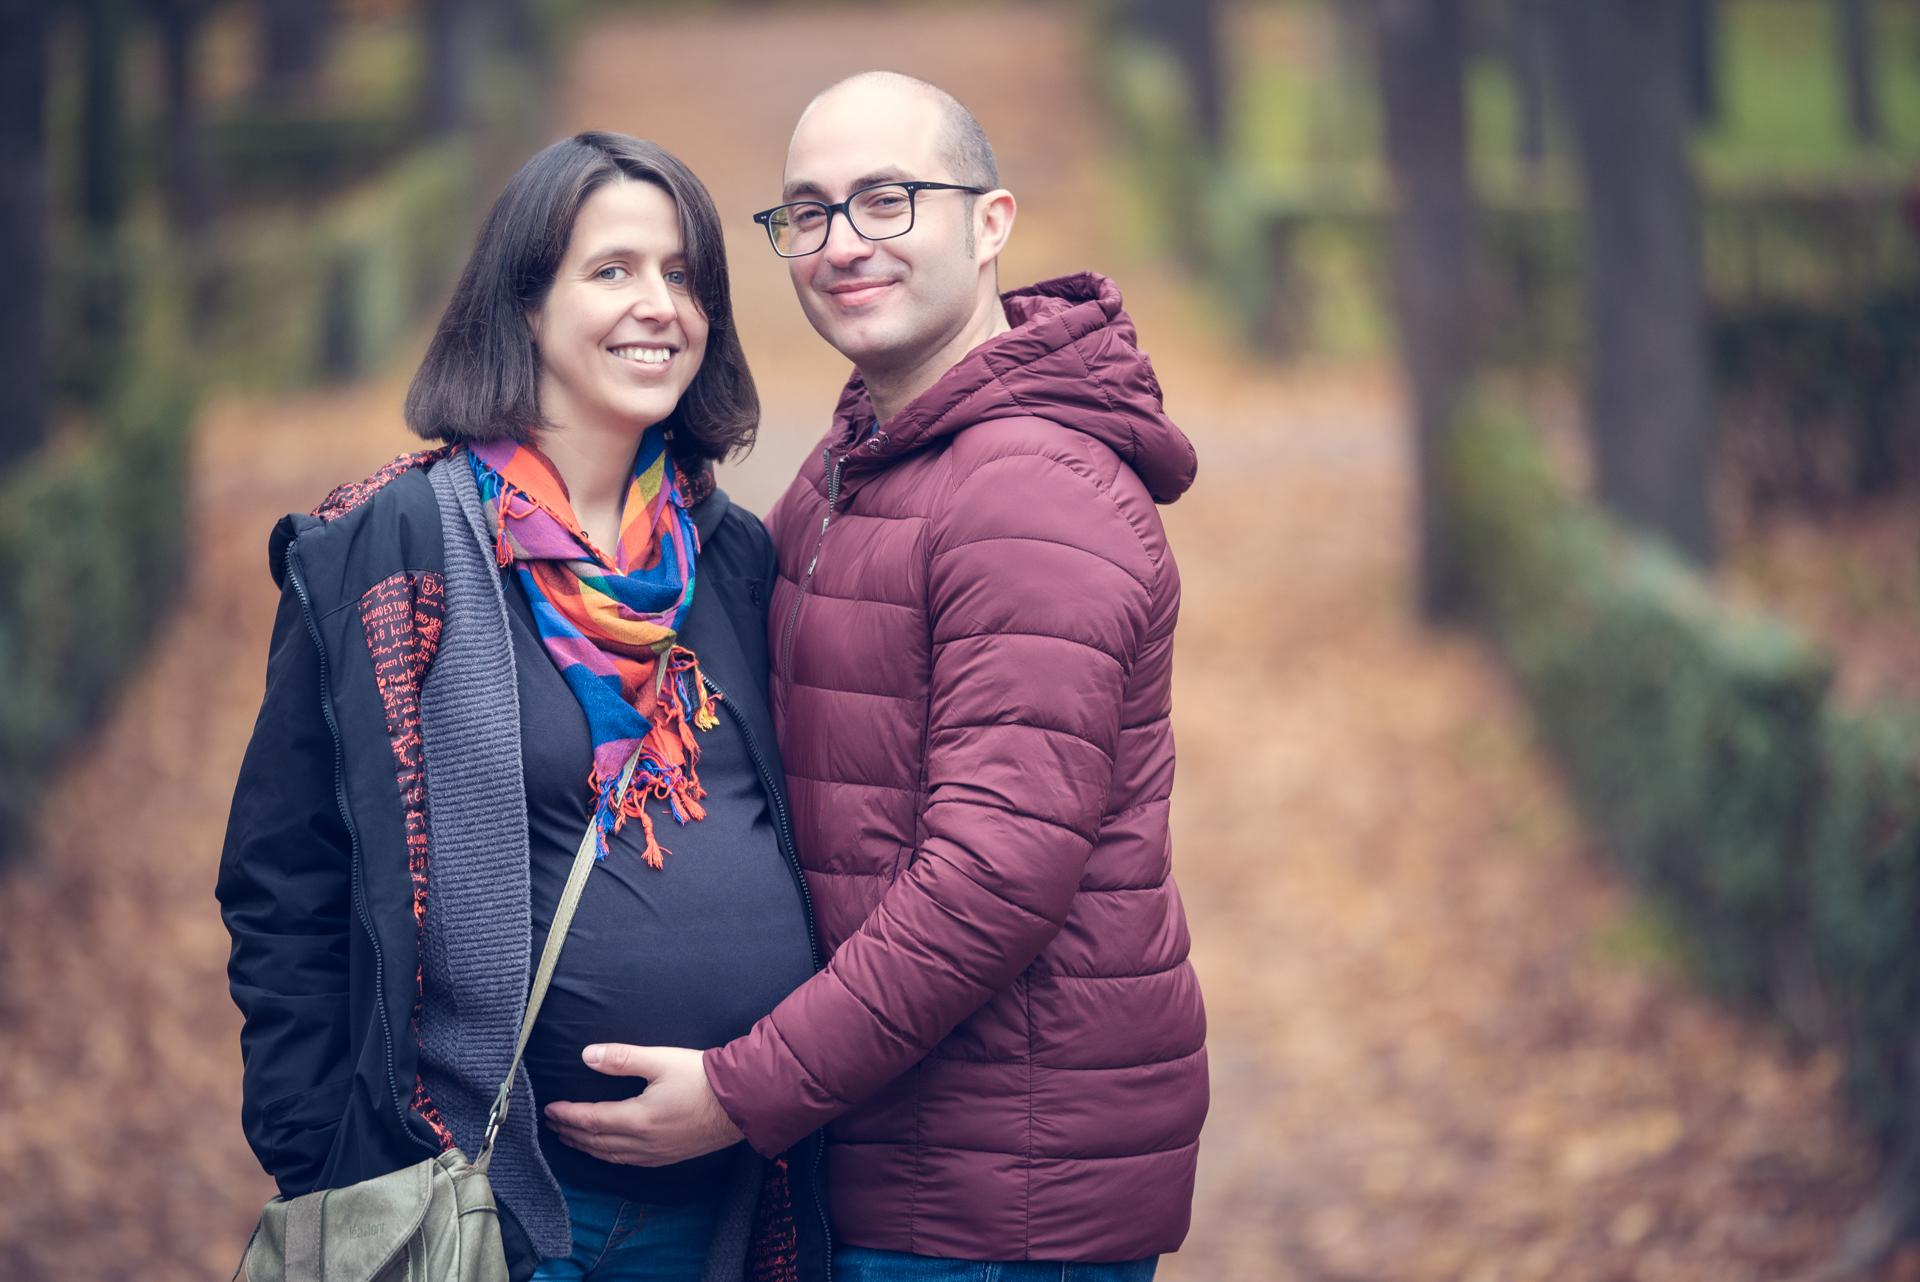 María y Elías   Esta encantadora pareja con raíces Galicia esperaban a su primera hija justo unos días después de la sesión de fotos, aún así, no dudaron en aprovechar los últimos momentos de embarazo para tener un recuerdo de esa etapa tan especial. Bienvenida Celia!